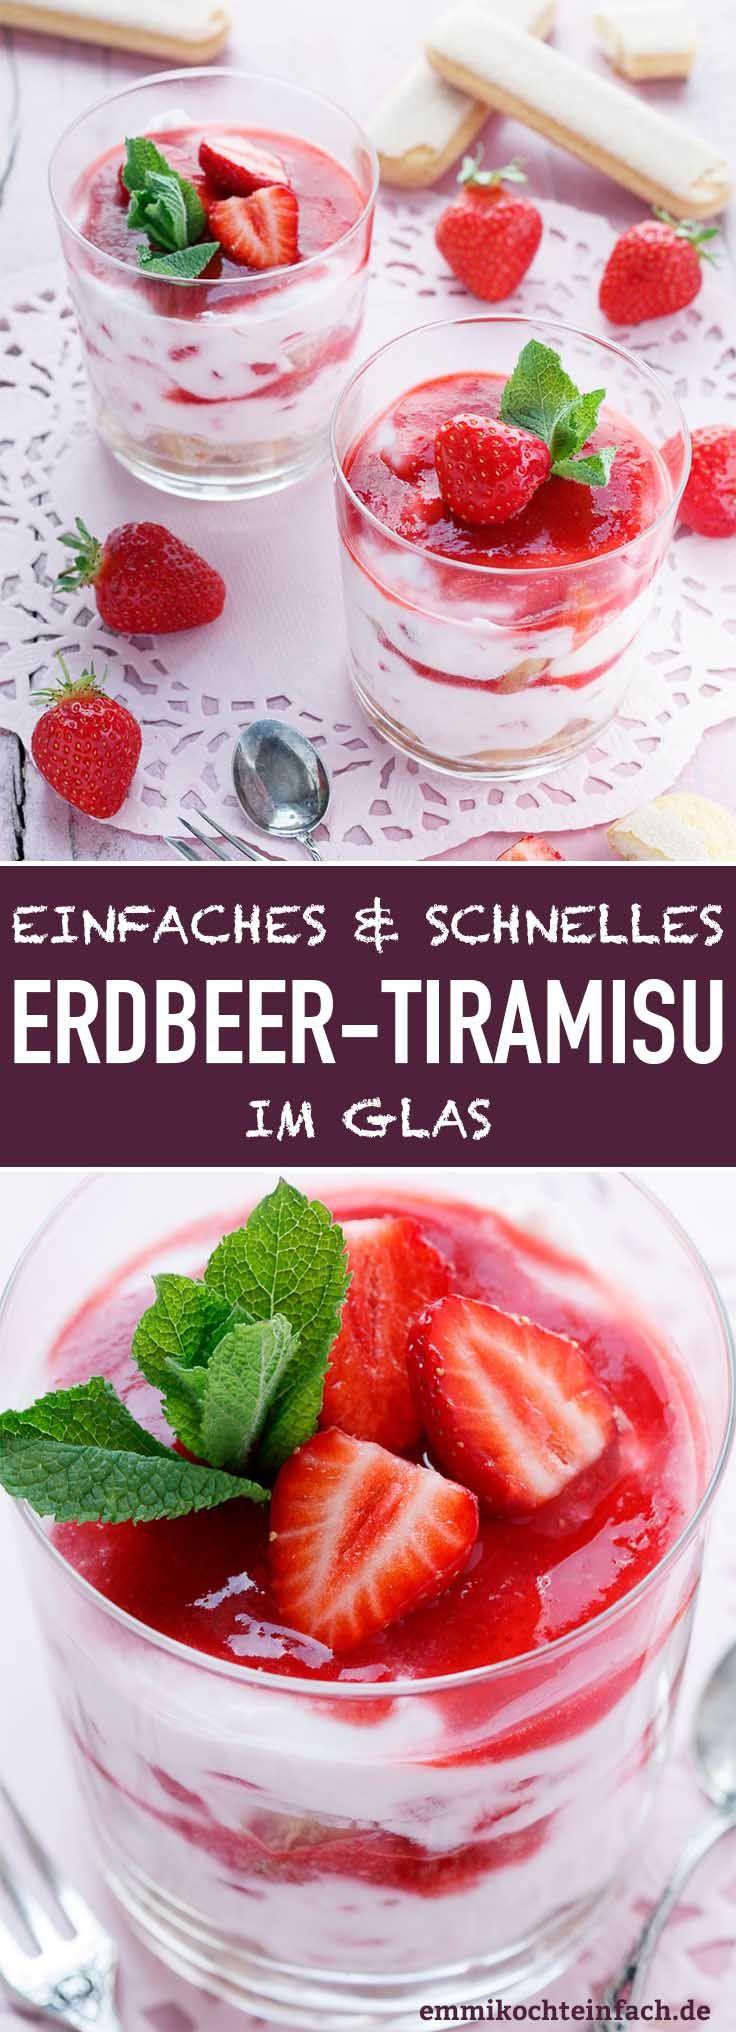 Photo of Erdbeer Tiramisu im Glas – Ein Dessert-Traum – emmikochteinfach